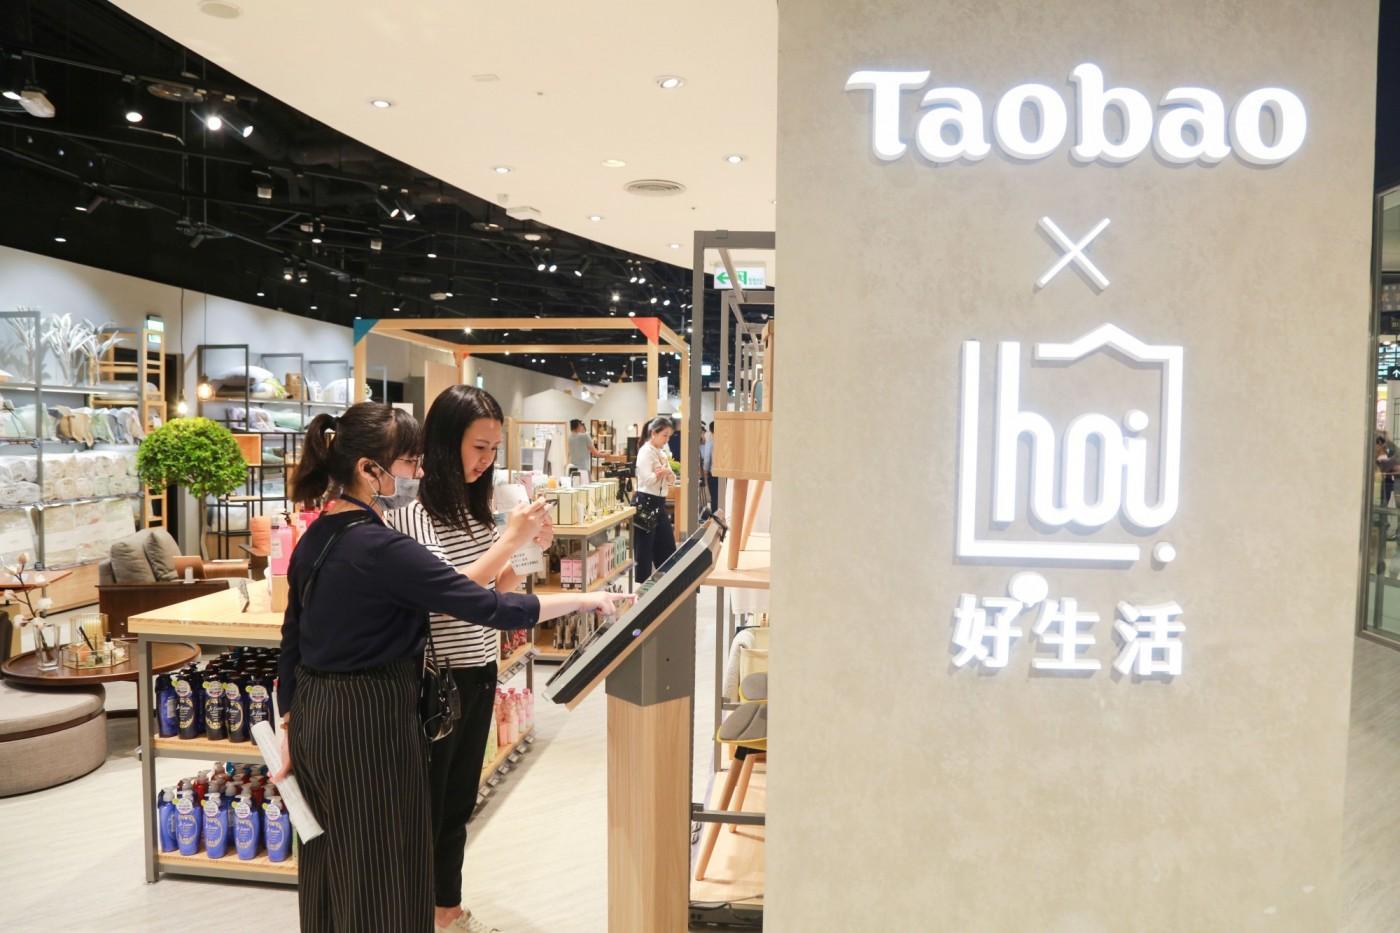 引進阿里巴巴技術、賣淘寶貨,特力淘寶聯名店目標3年內獲利